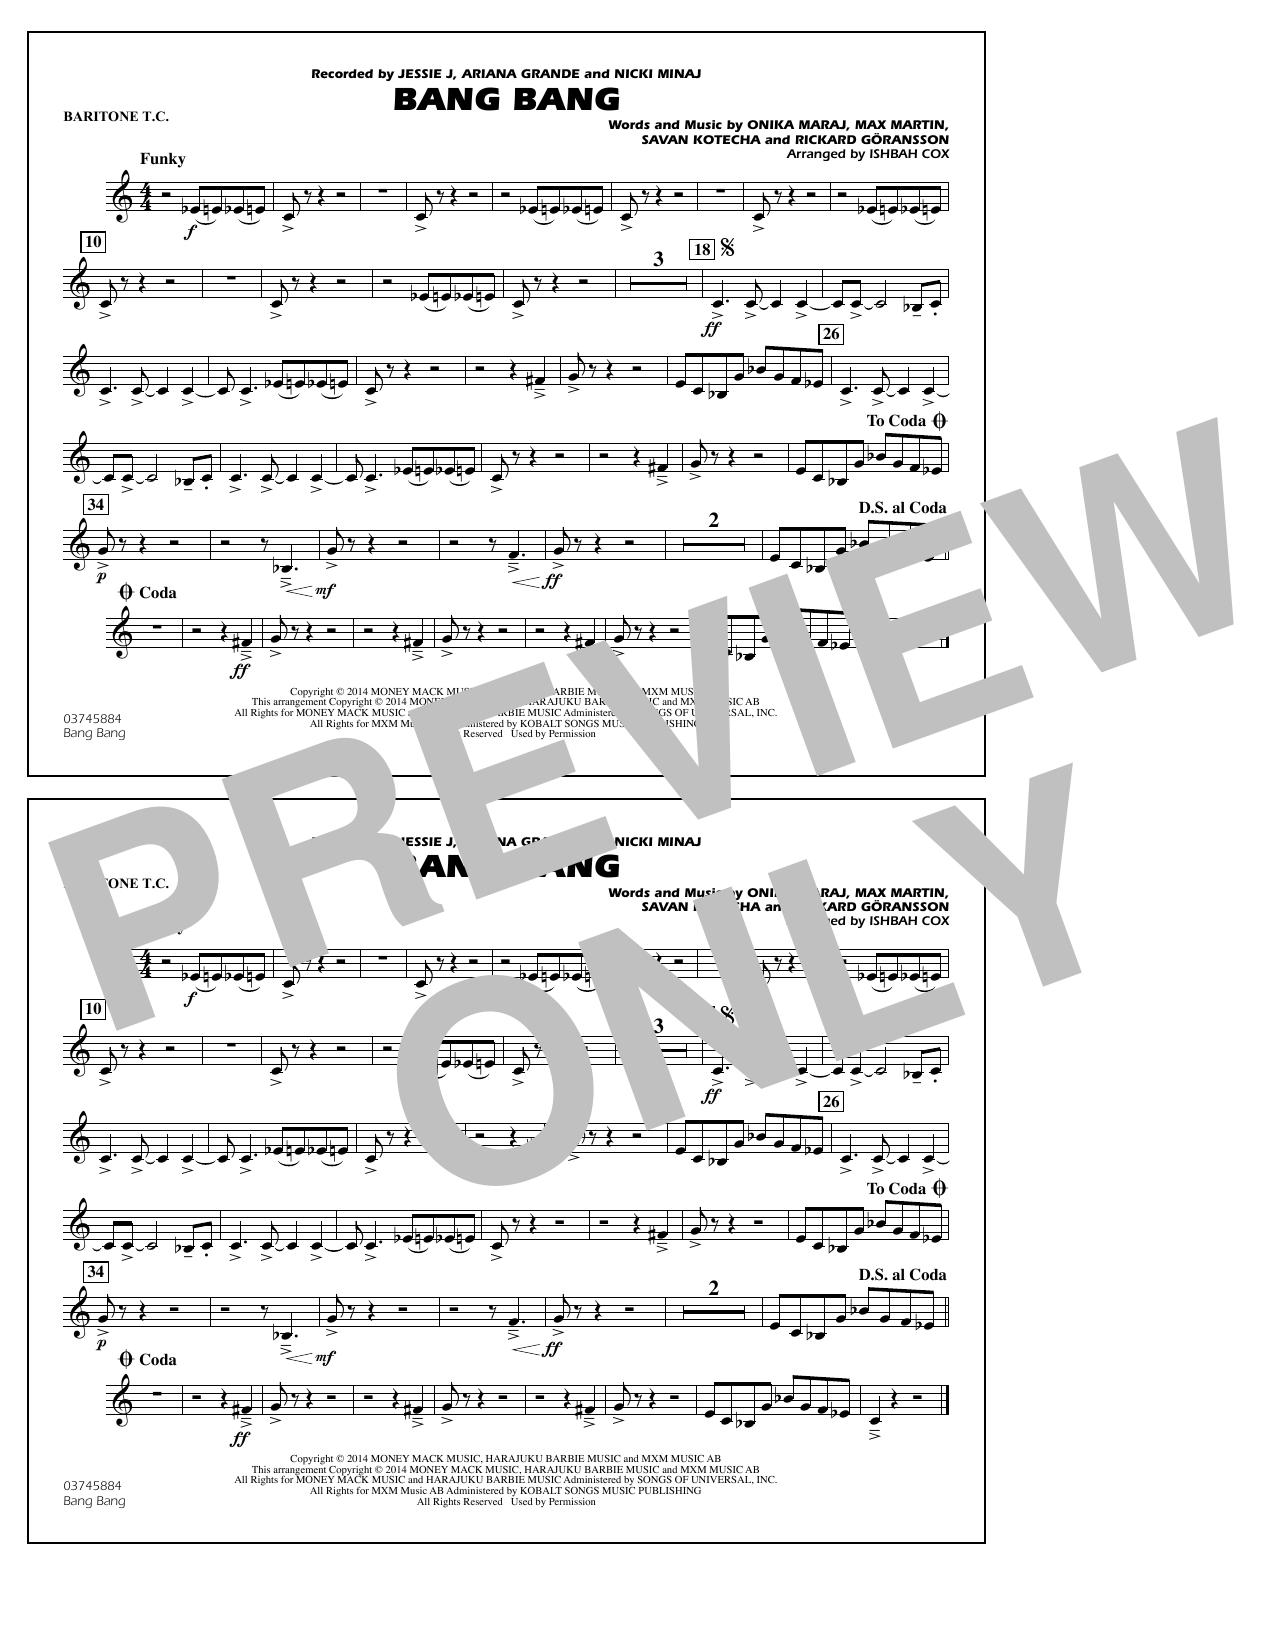 Ishbah Cox Bang Bang - Baritone T.C. sheet music notes and chords. Download Printable PDF.